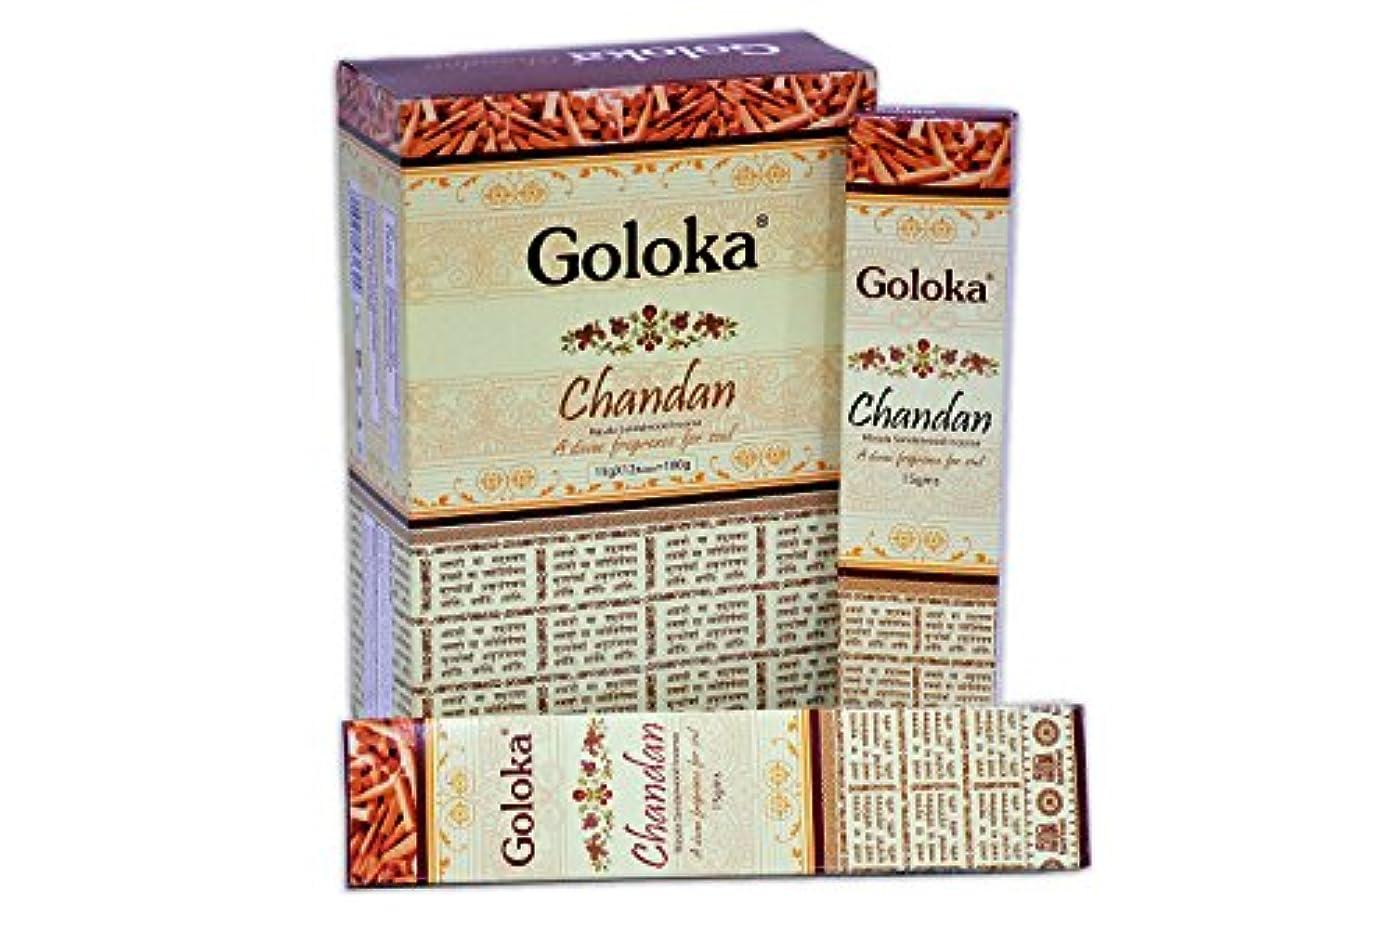 空白傷つきやすい主婦GolokaプレミアムシリーズコレクションHigh End Incense sticks- 6ボックスの15 gms (合計90 gms)